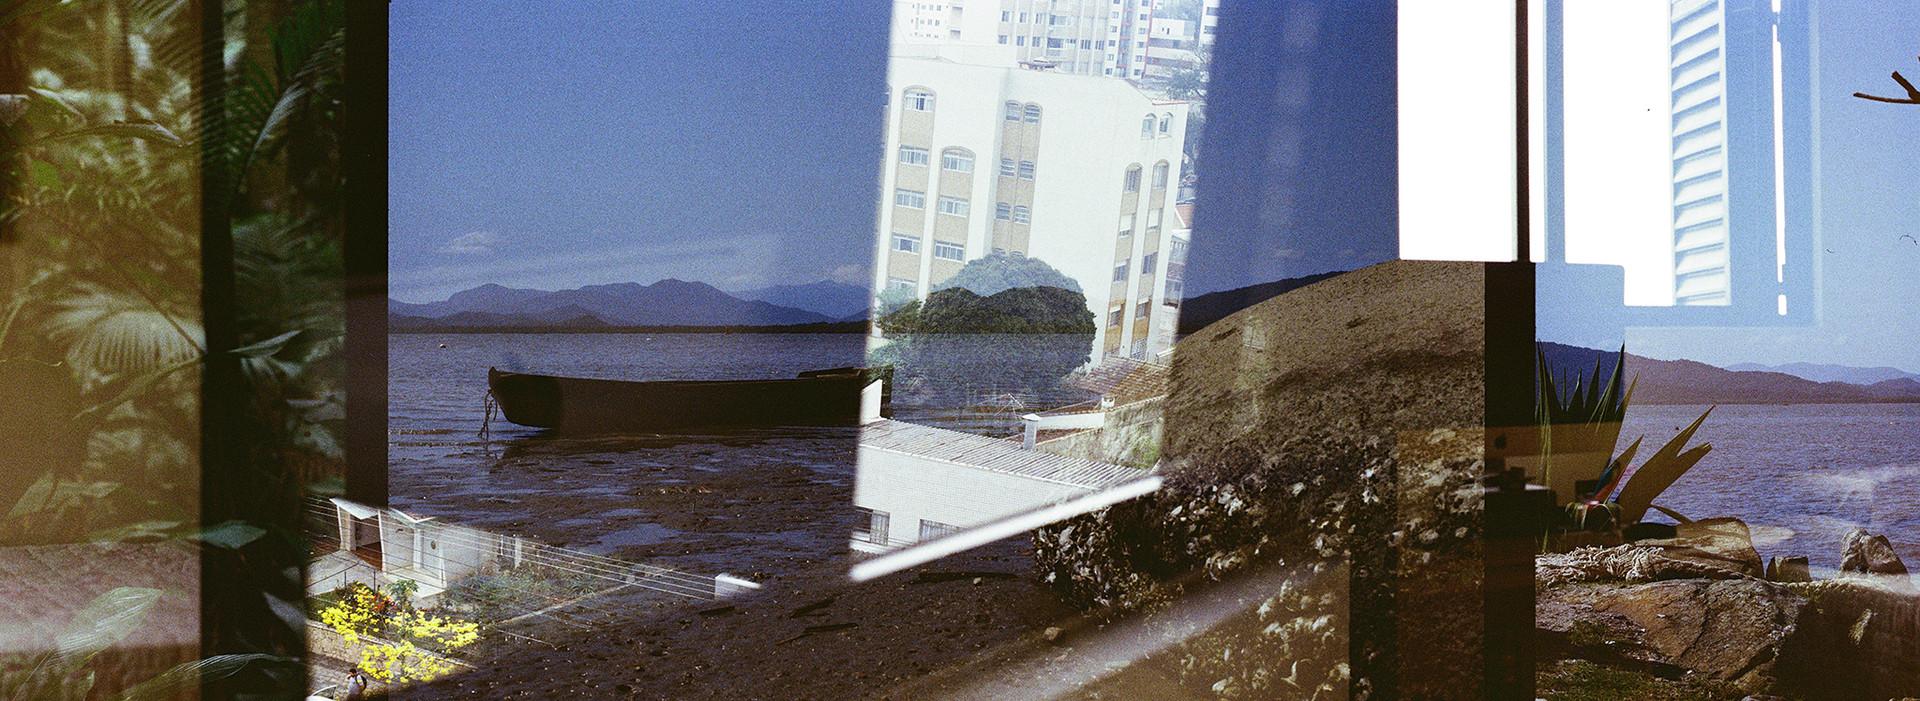 panorama-fotografia-de-Cayo-Vieira-004.j